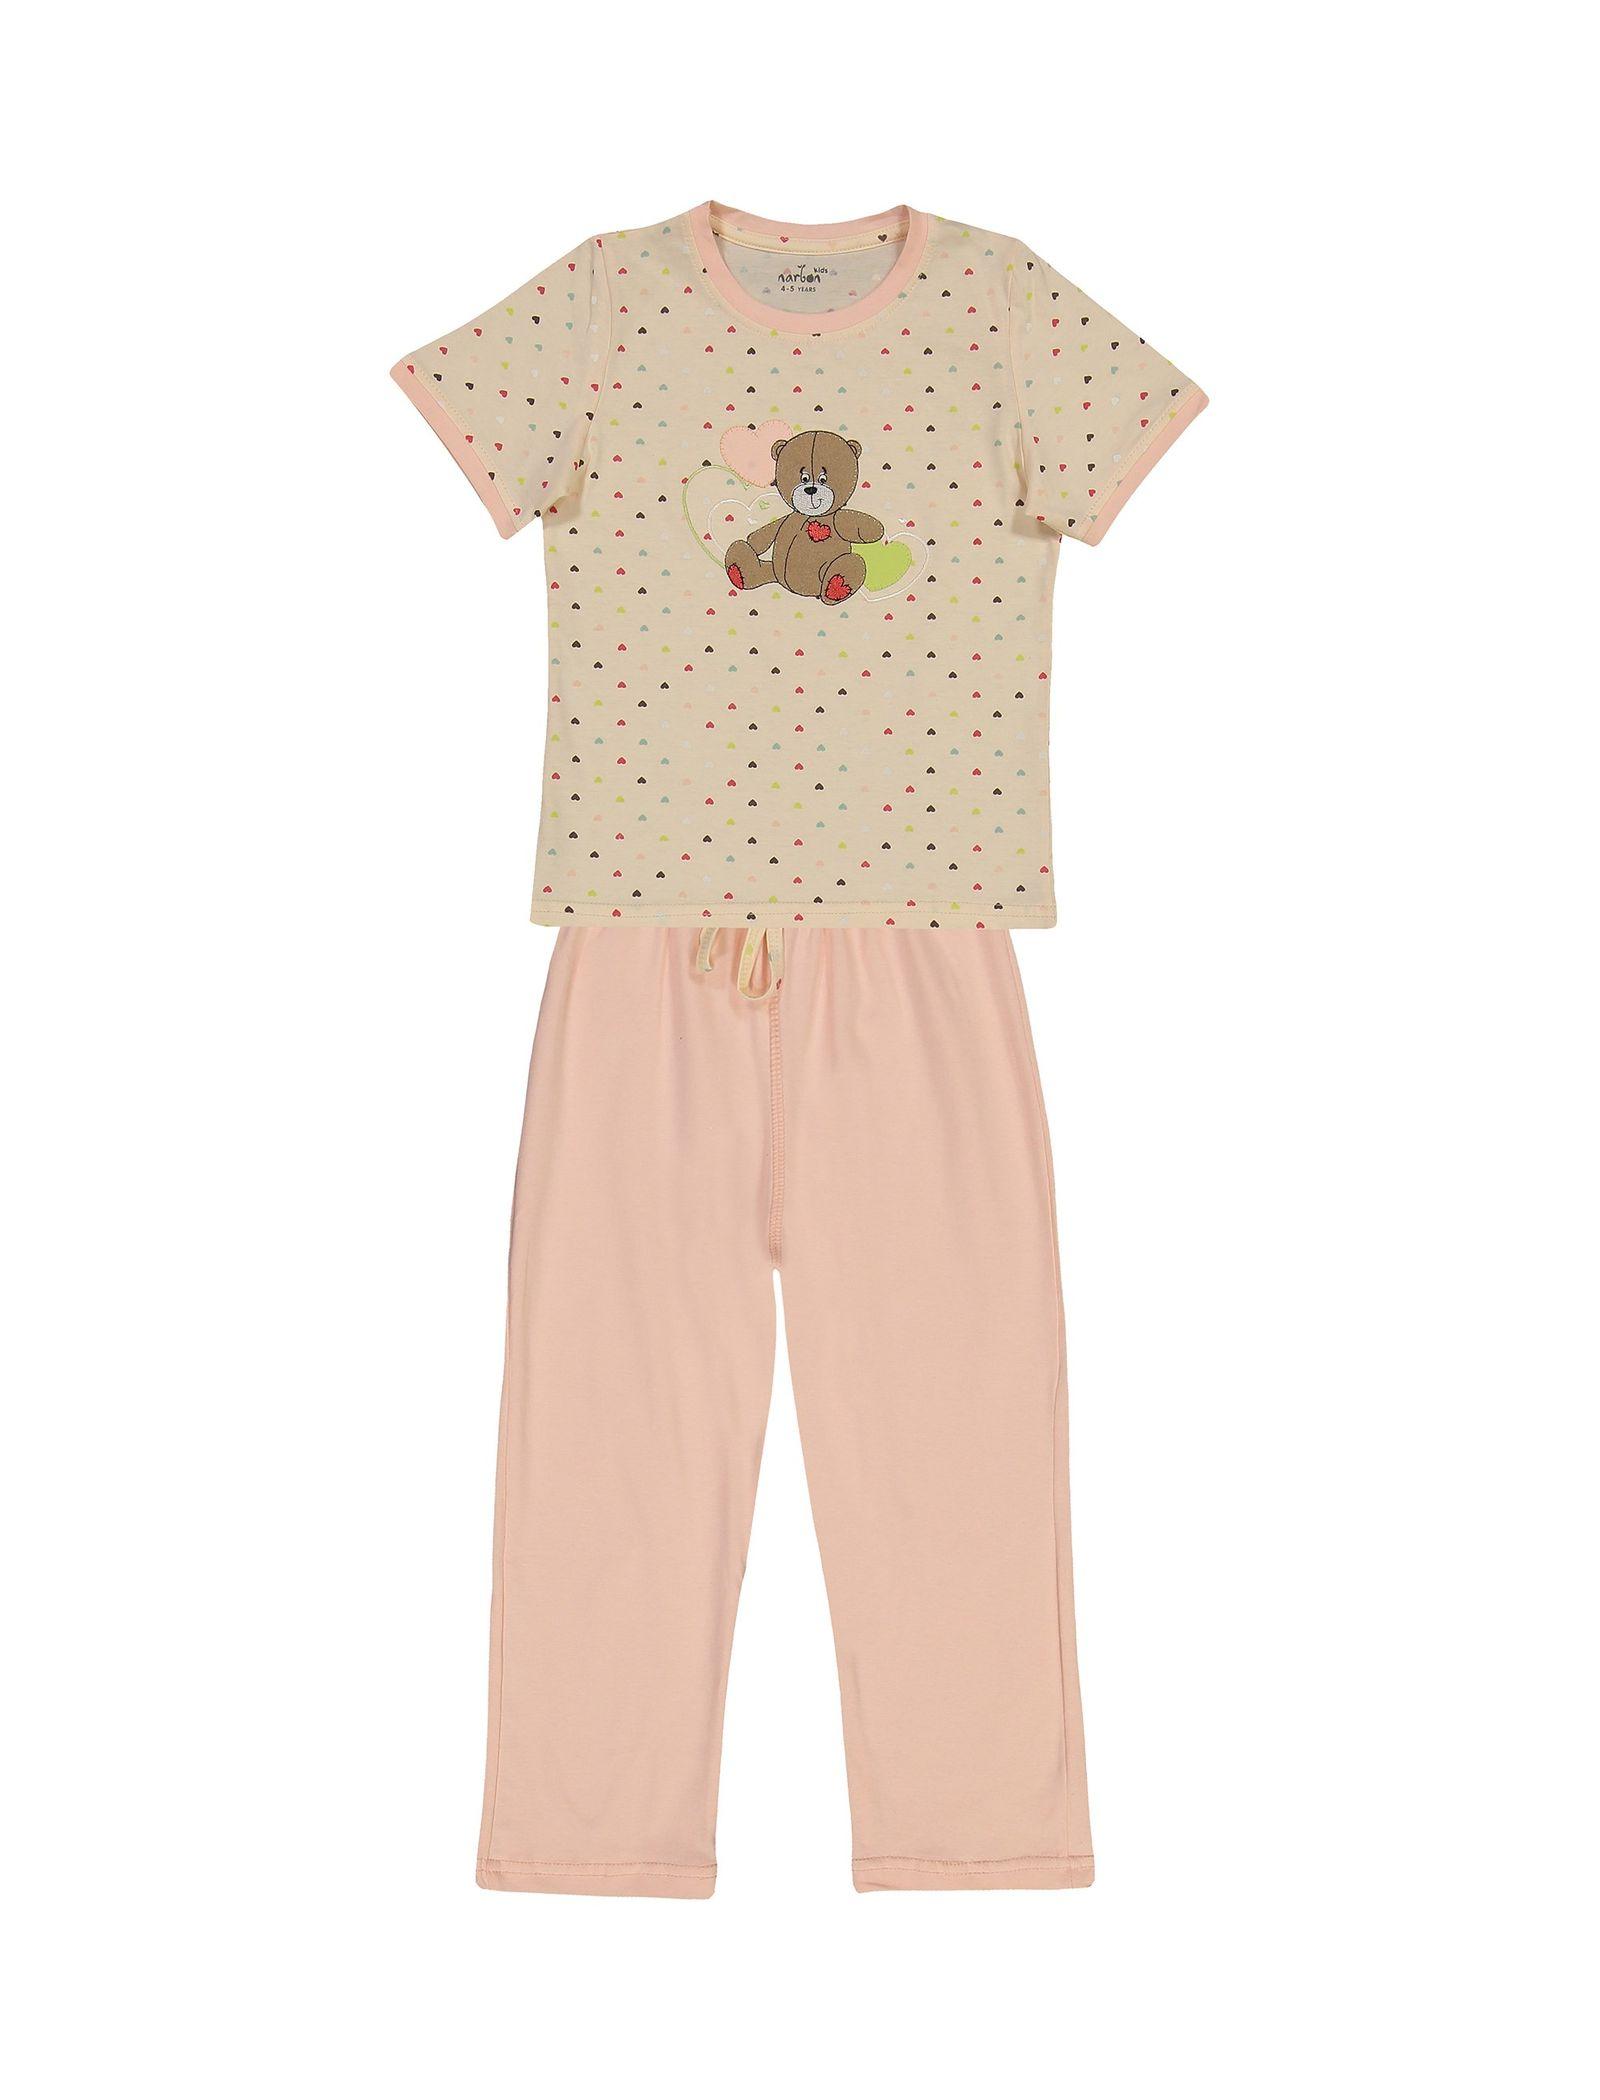 تی شرت و شلوار نخی دخترانه خرس مهربان - ناربن - گلبهي - 1